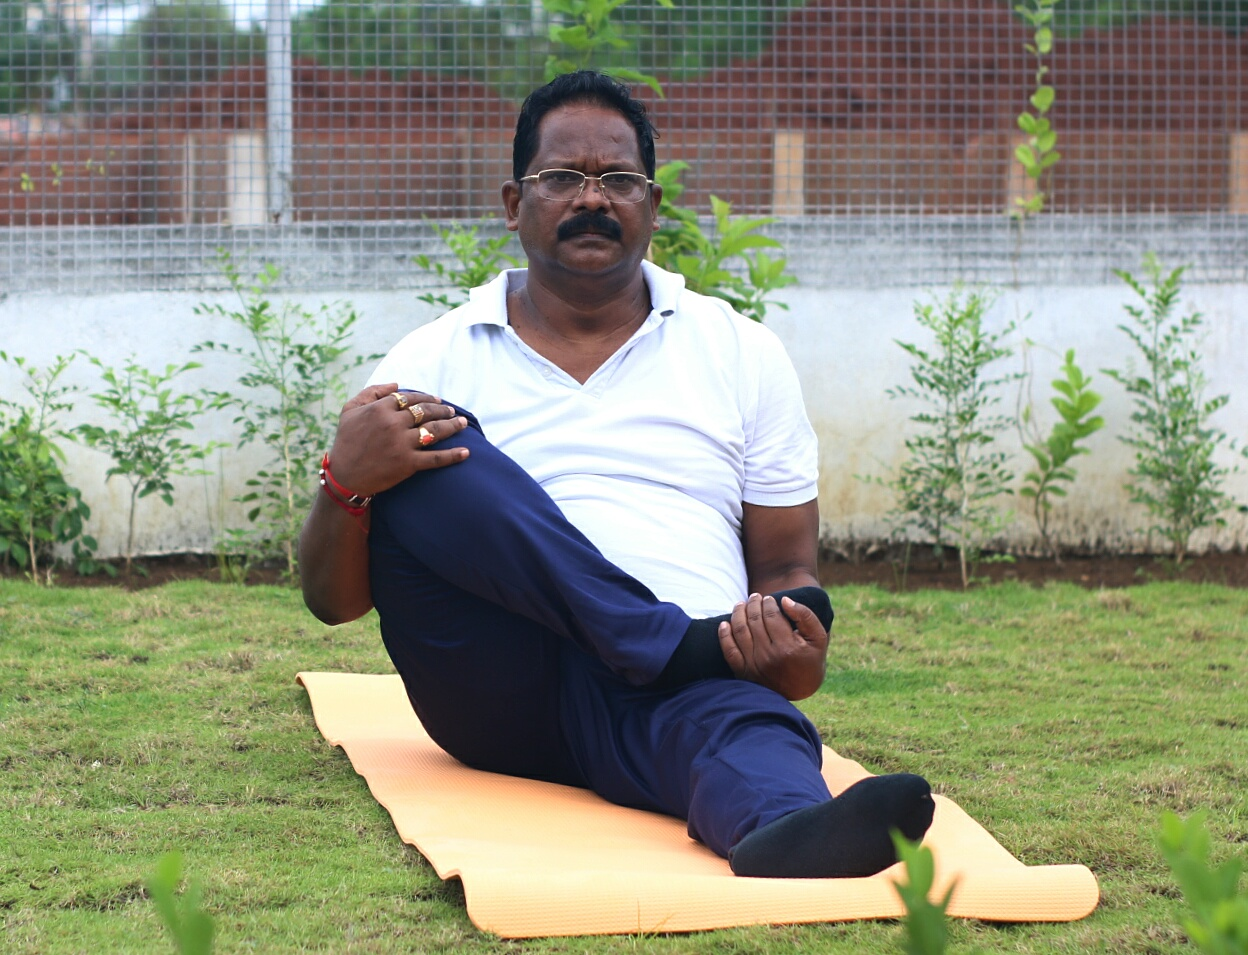 निरोगी काया के लिये करें नियमित योग : मंत्री श्री अमरजीत भगत